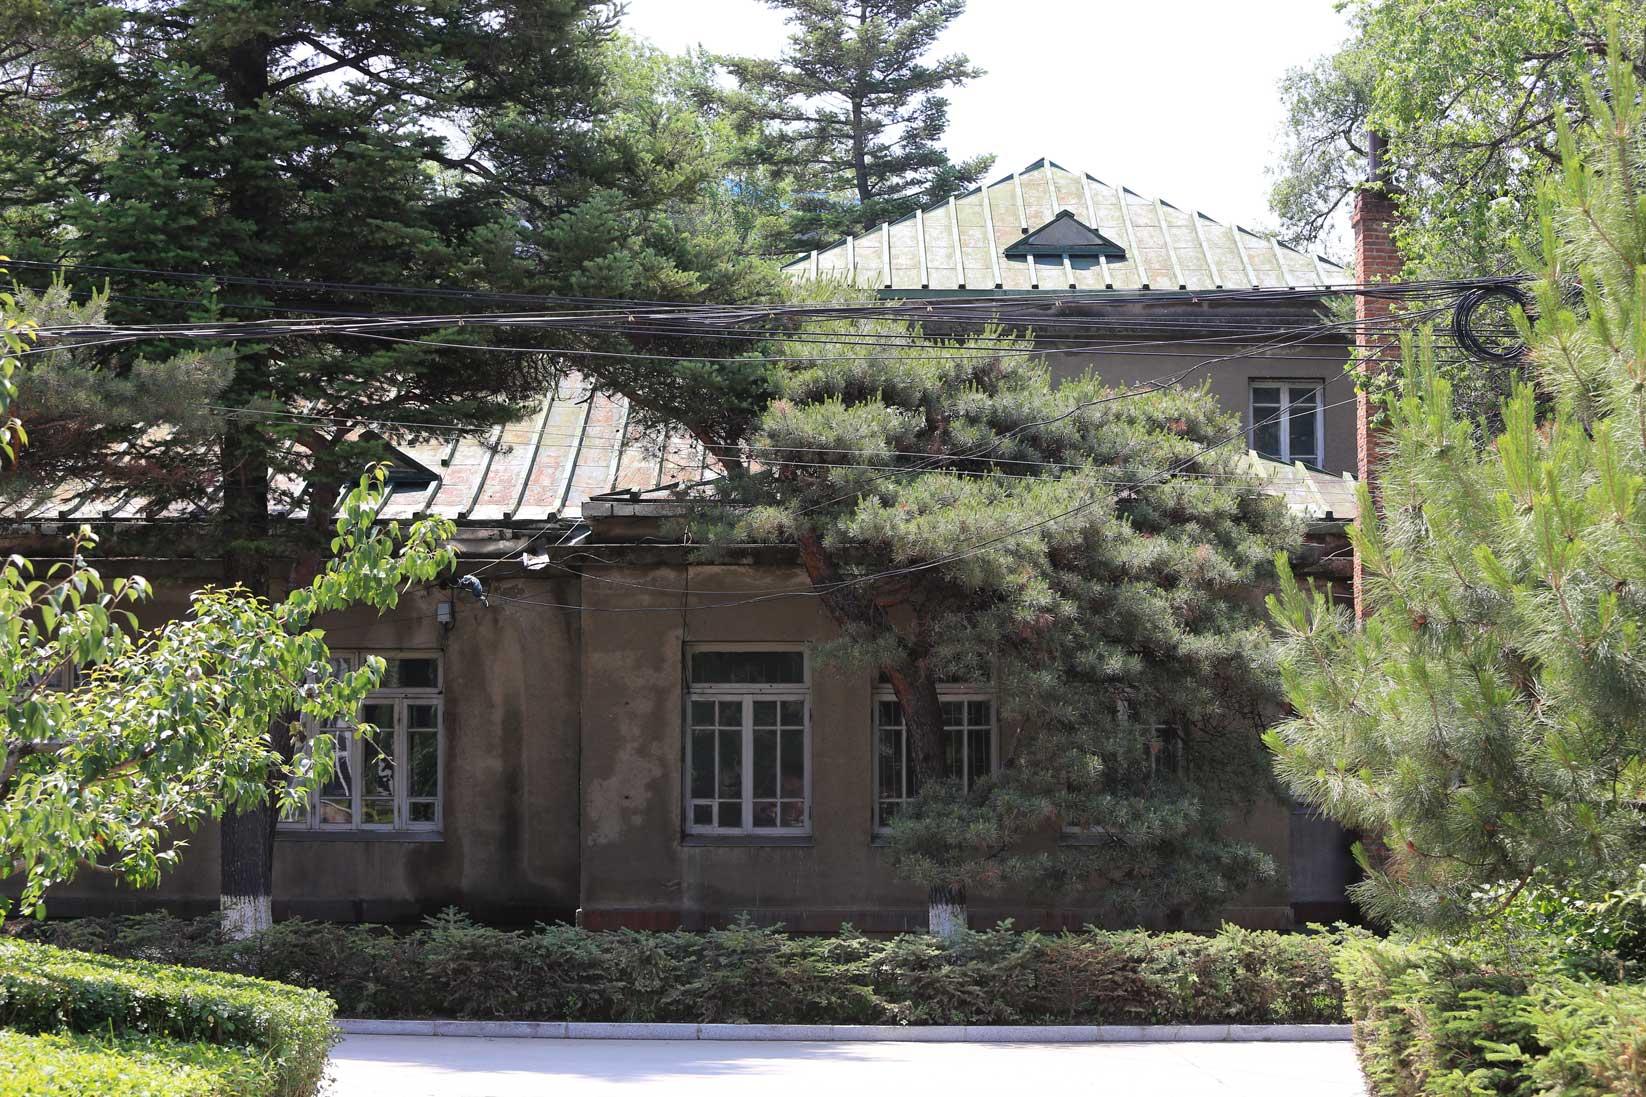 朝鮮からの移民が開墾した龍井のいま(吉林省延辺朝鮮族自治州)_b0235153_11132376.jpg